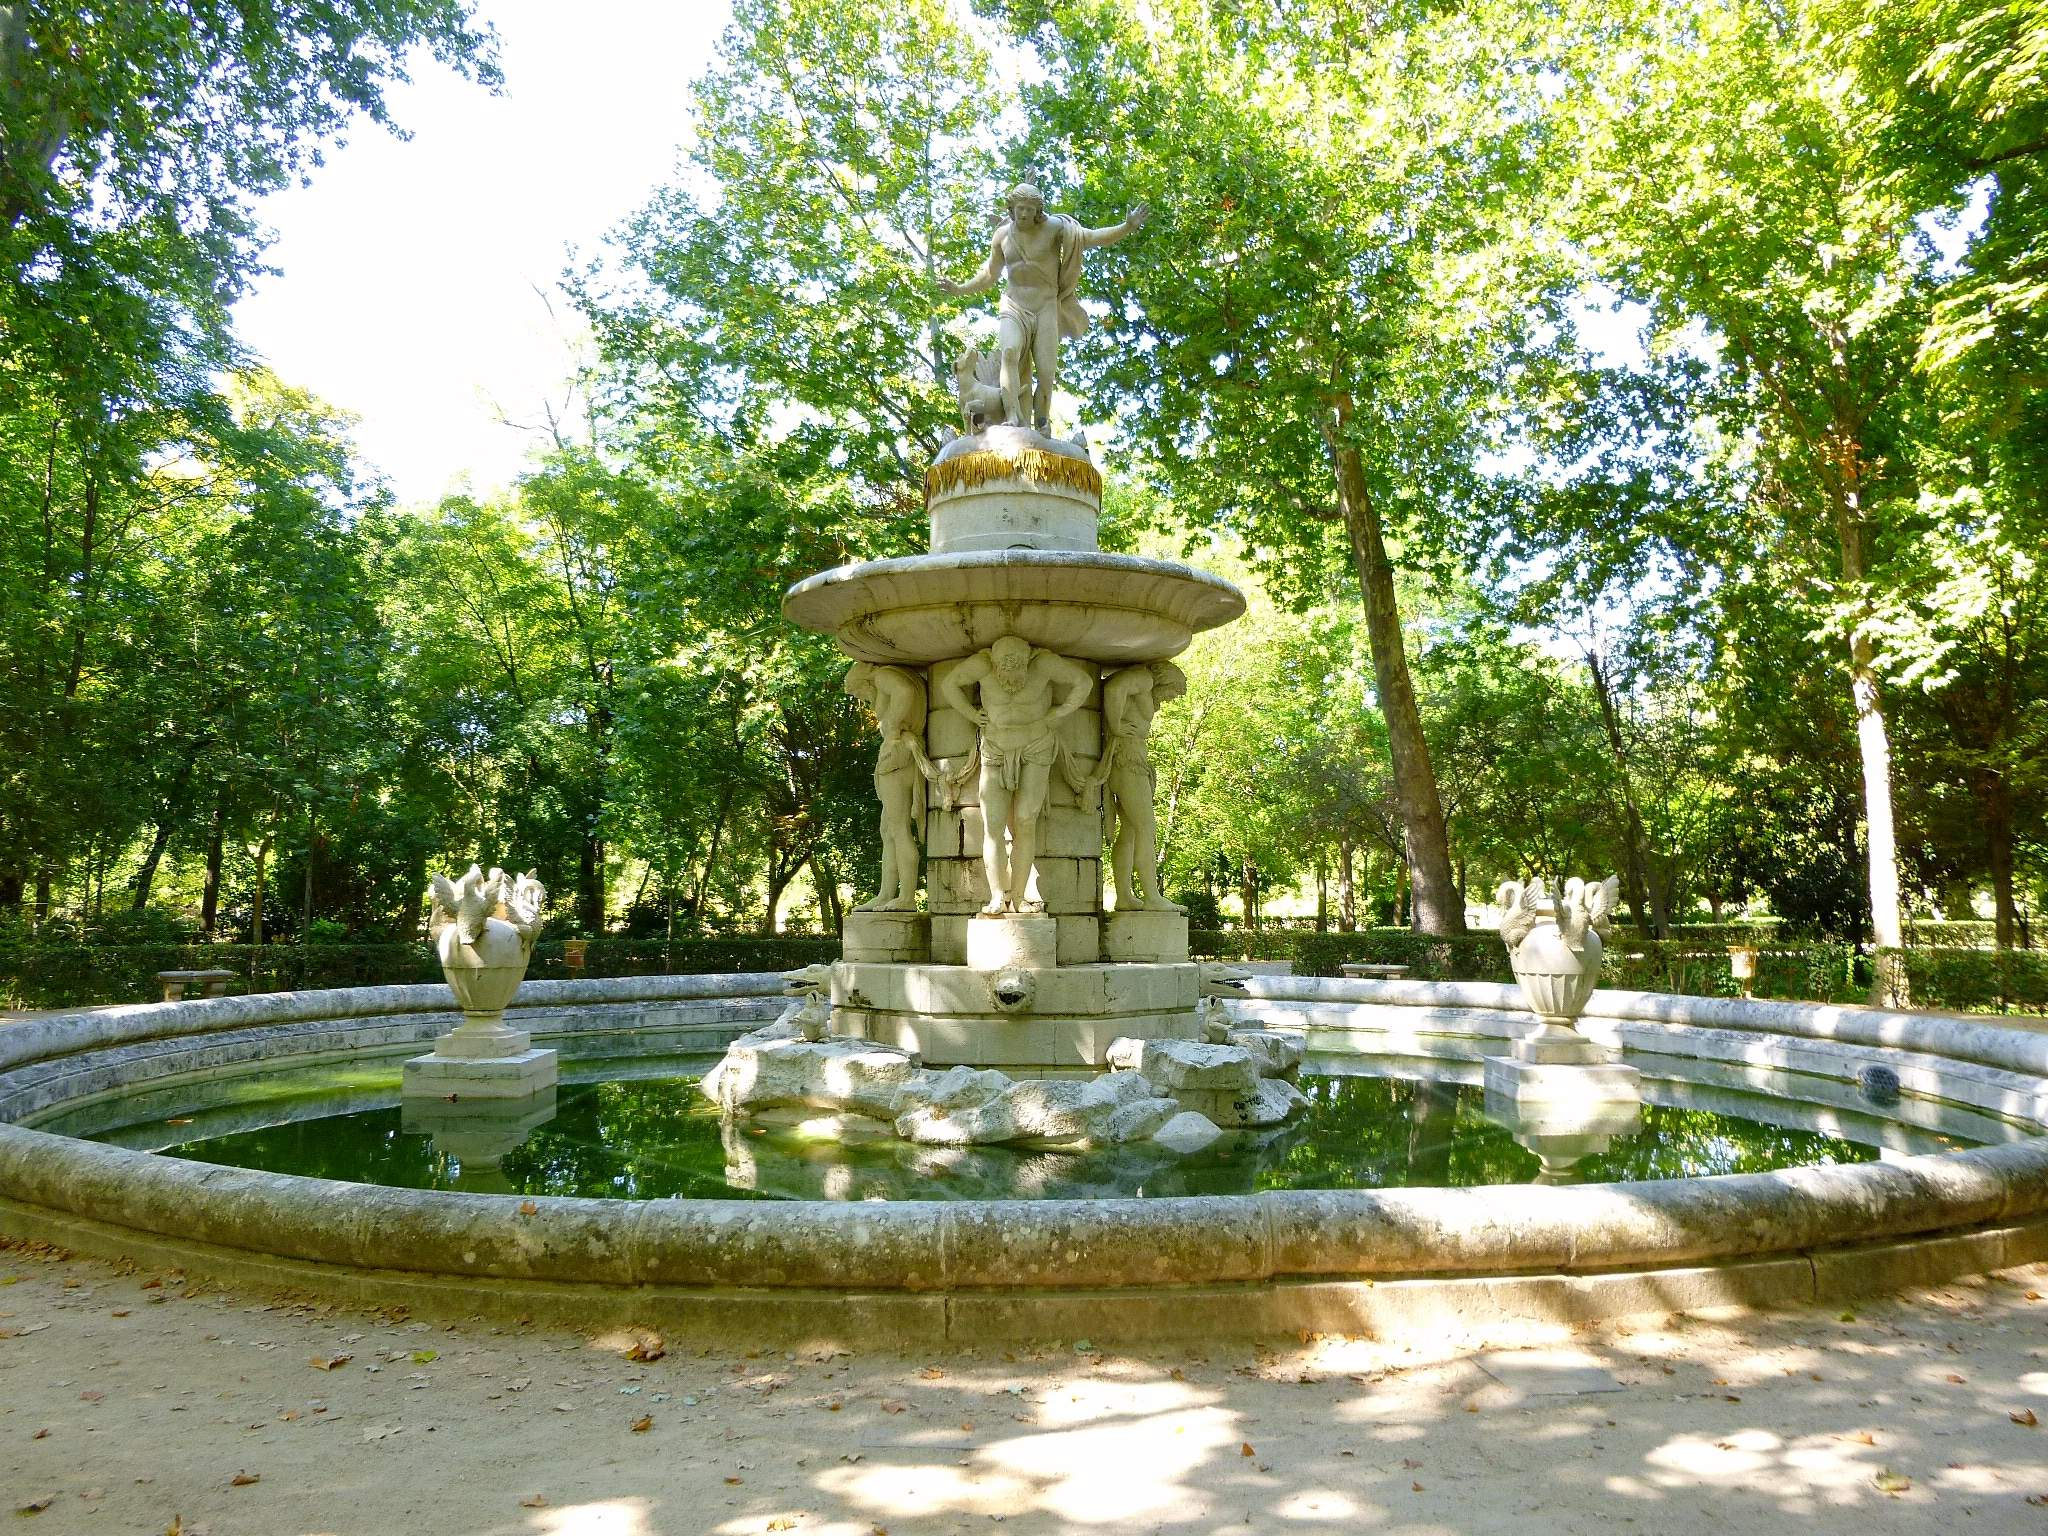 File aranjuez real sitio jard n del pr ncipe fuente de for Restaurante jardin del principe en aranjuez